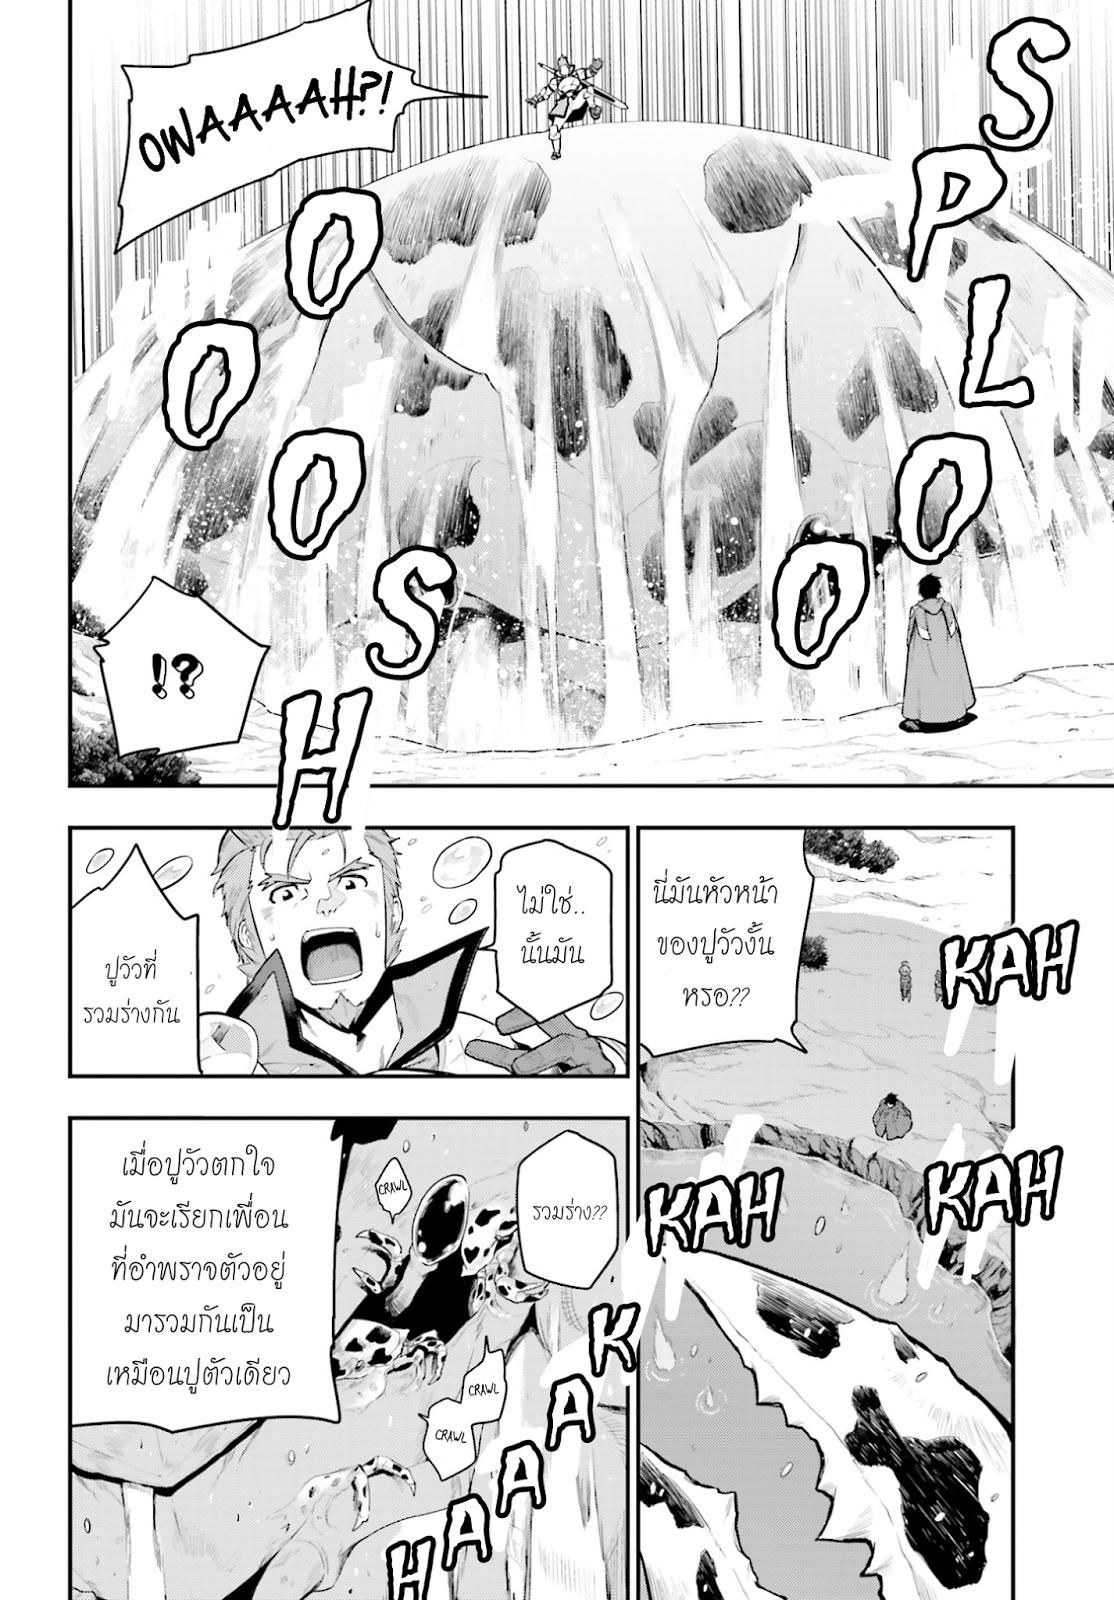 อ่านการ์ตูน Konjiki no Word Master 11 ภาพที่ 16